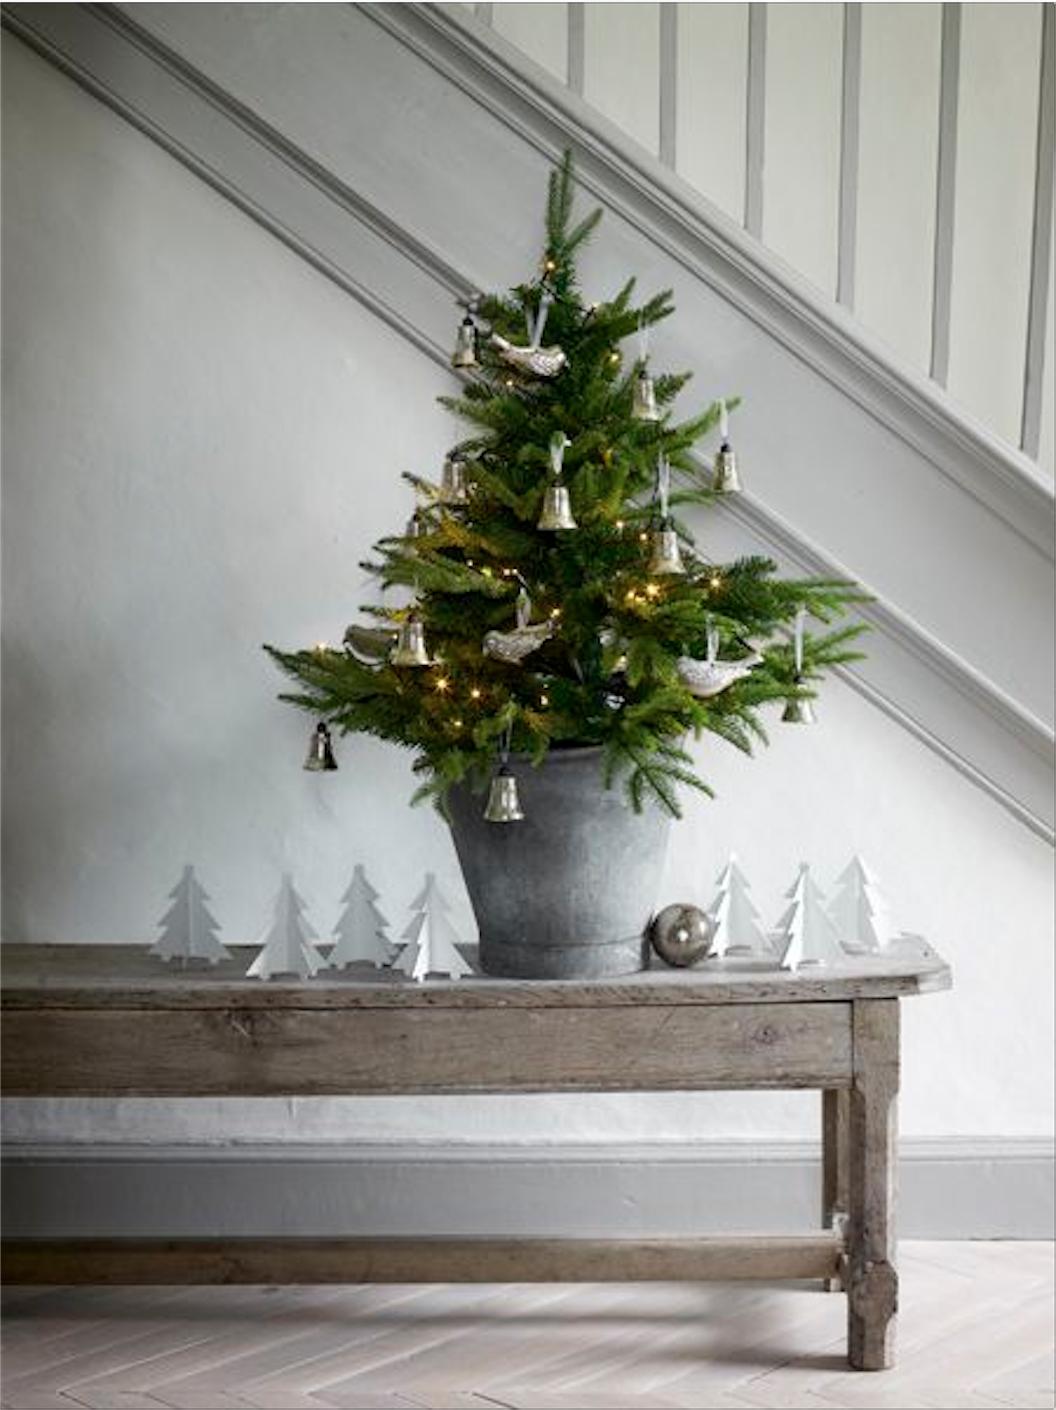 Weihnachtsbaum Im Topf Geschmückt.Die 15 Schönsten Weihnachtsbäume Sweet Home